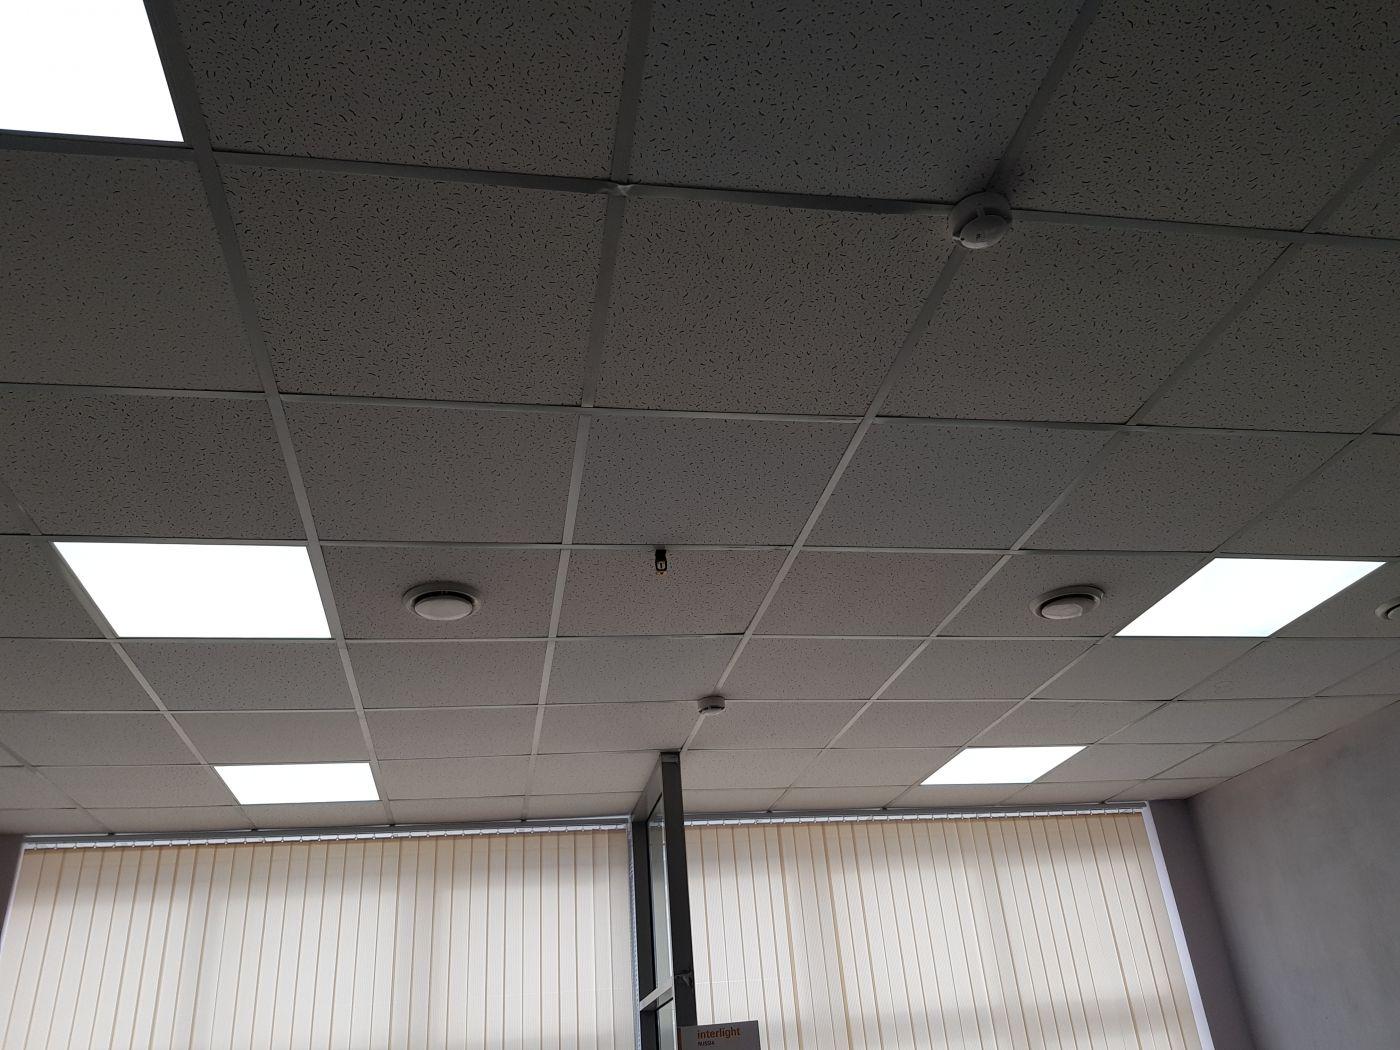 Светодиодный светильник Армстронг 595х595х40мм 72Вт 5000K IP54 с ЭМС